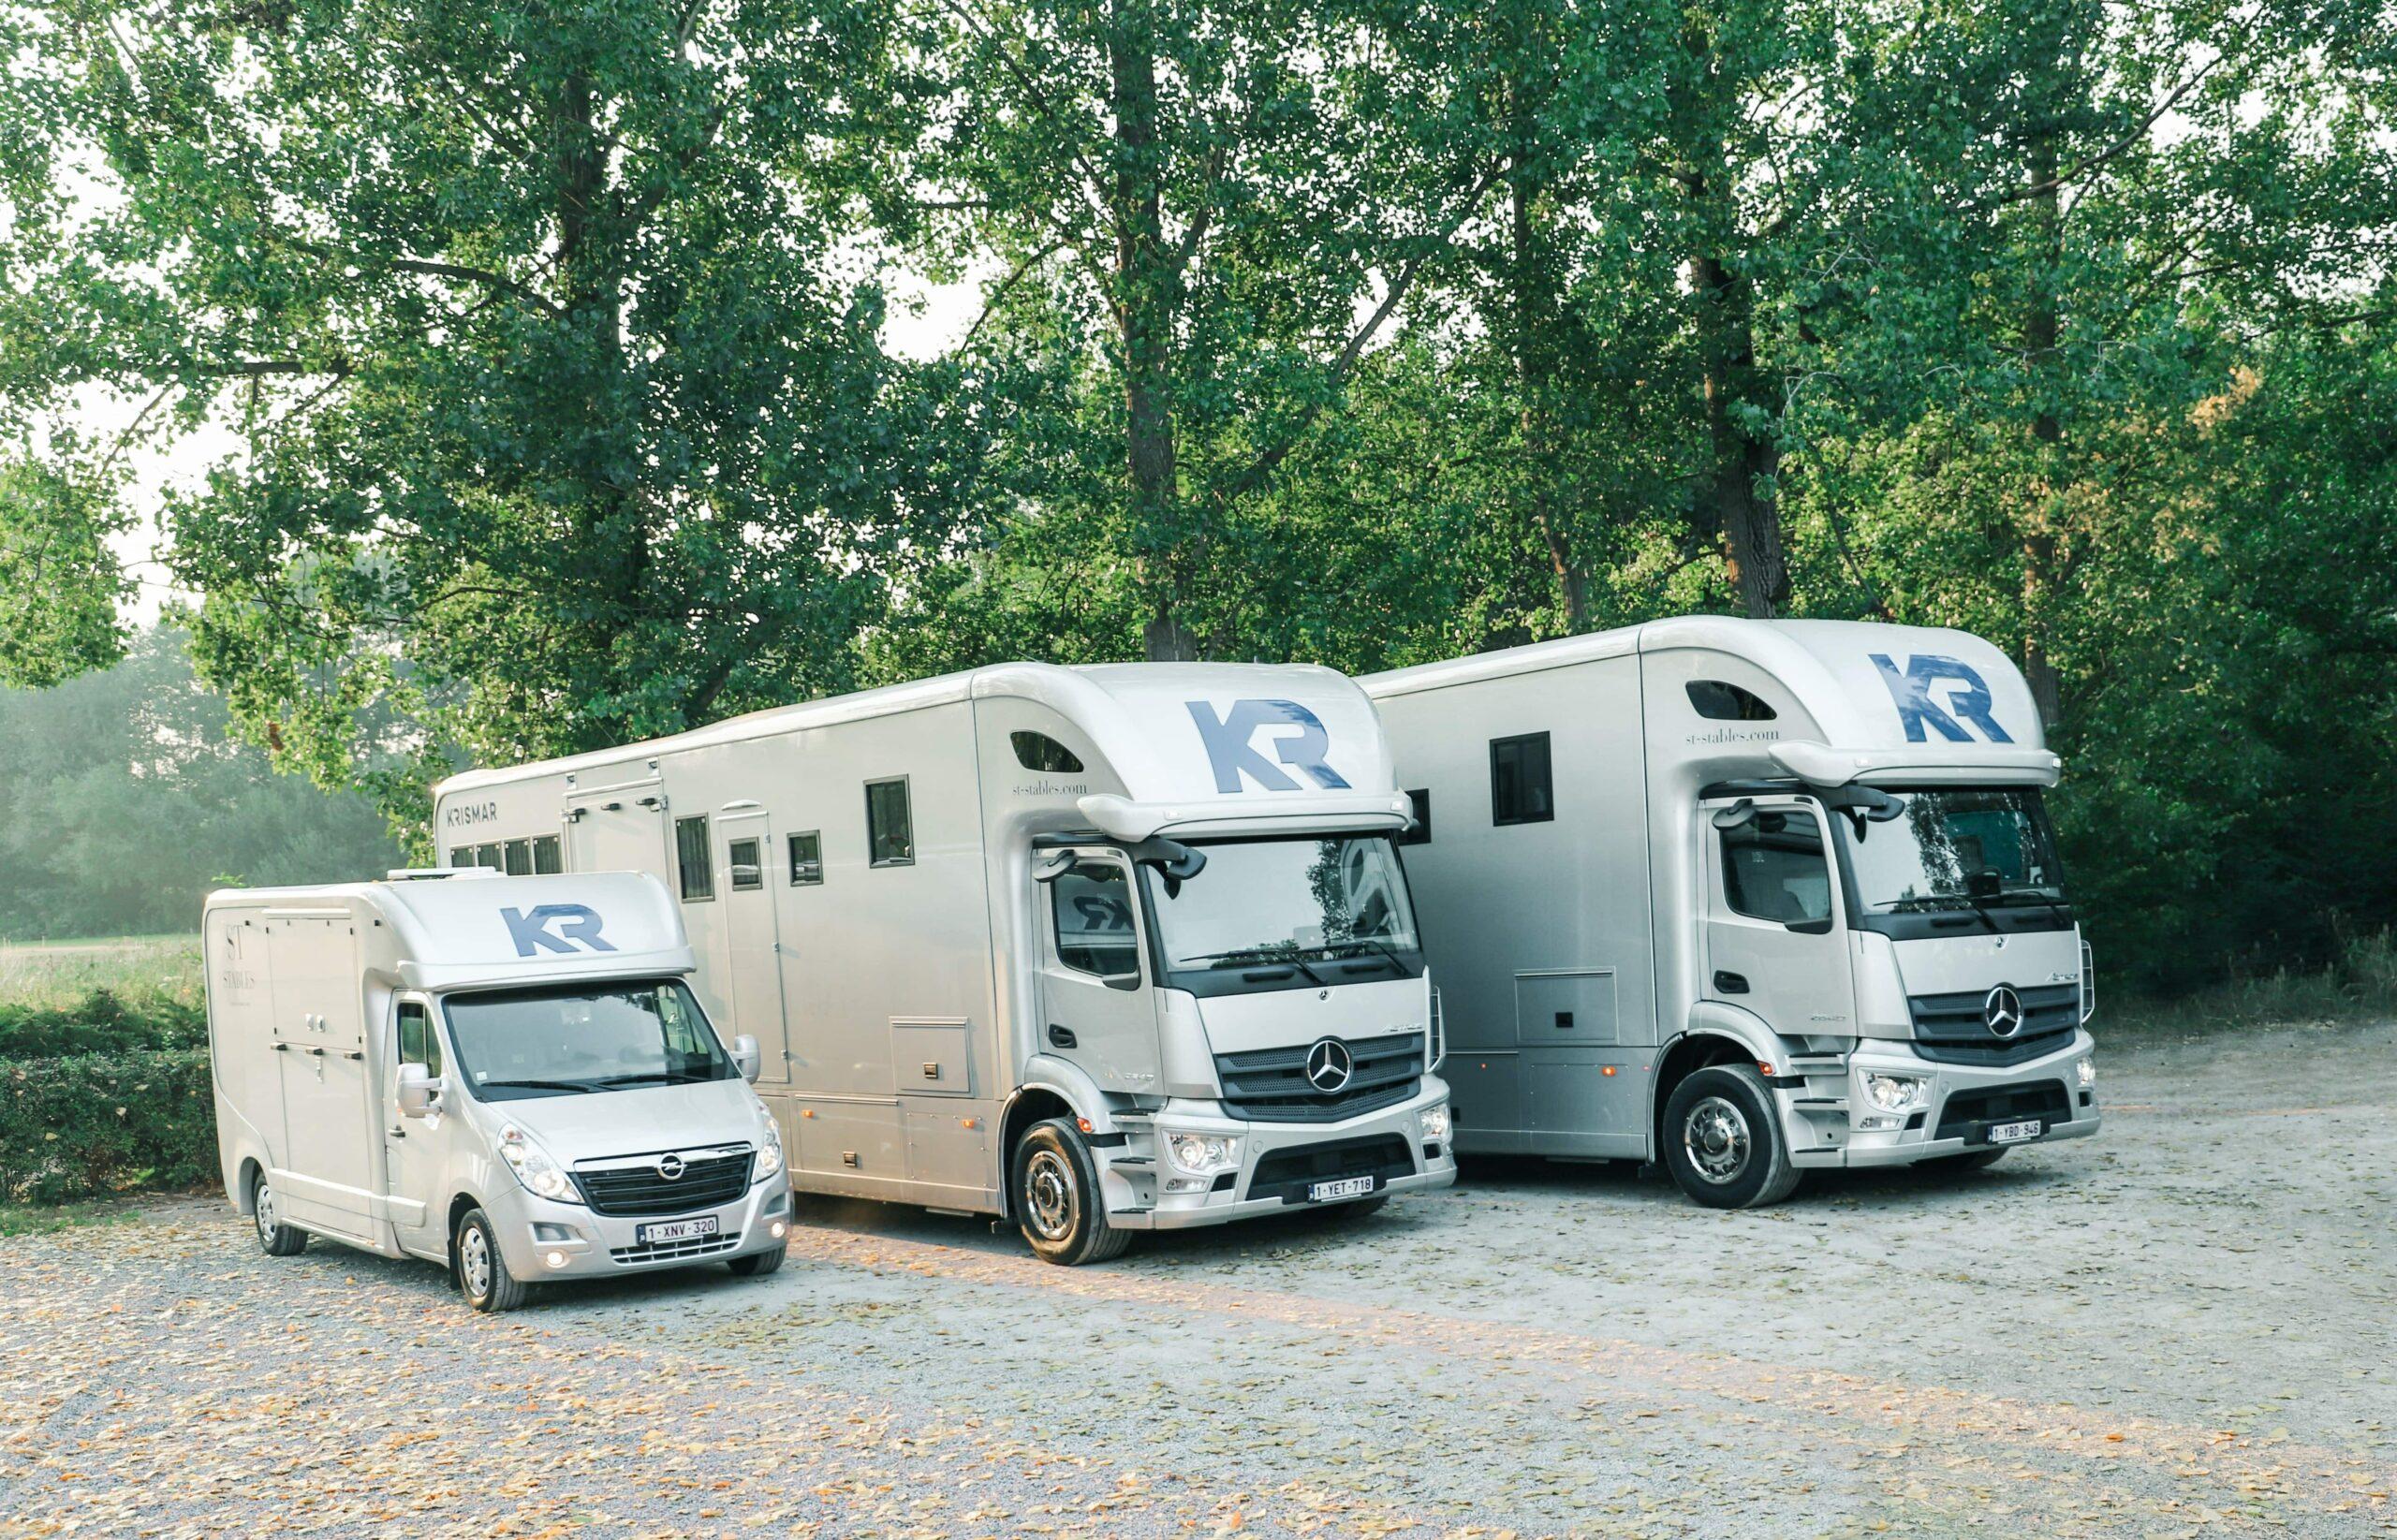 Krismar horse trucks for ST Stables